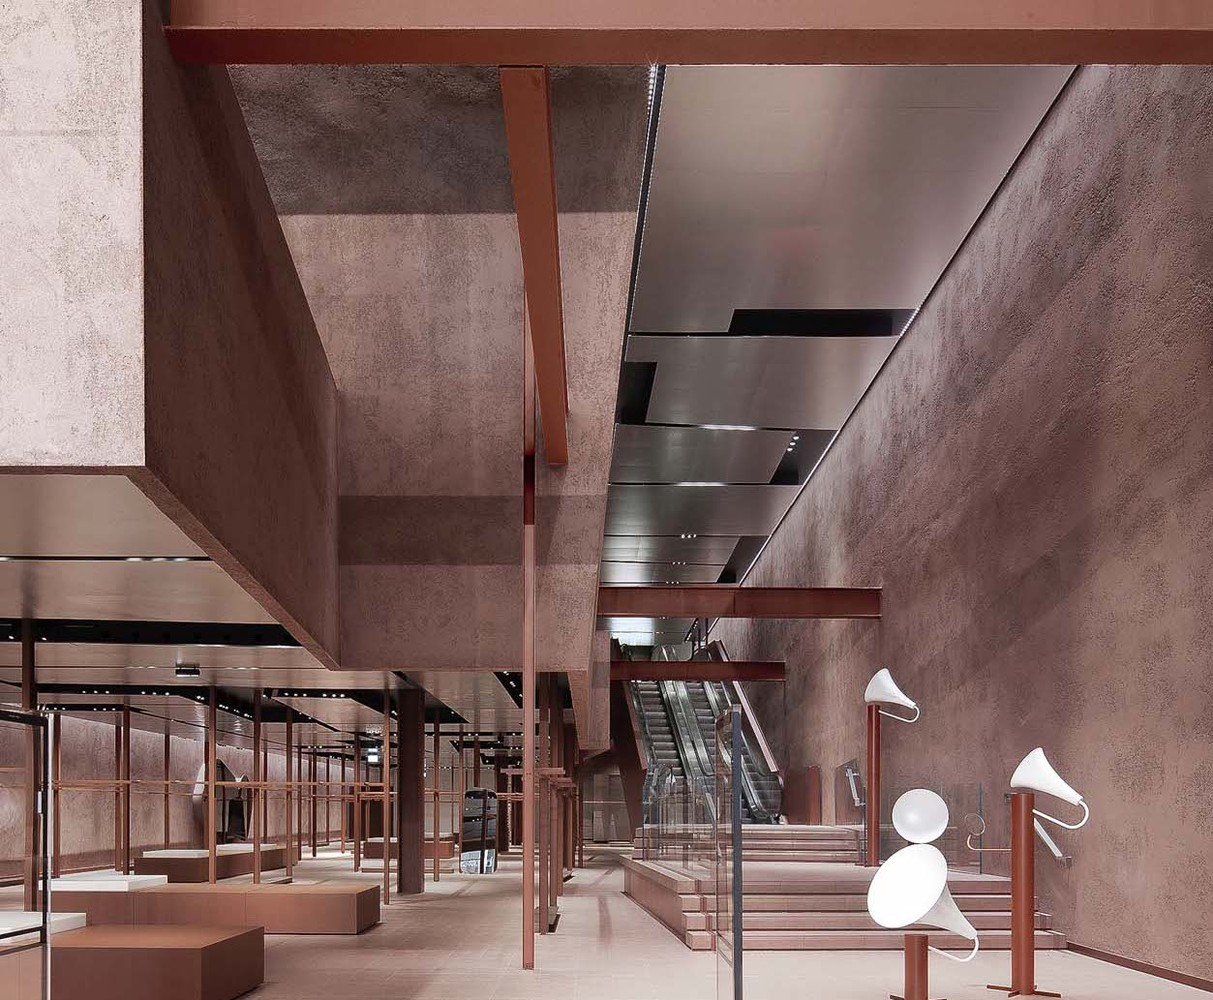 طراحی فروشگاه تجاری برند چینی UR در انگلستان - UR London Flagship Store 1 1